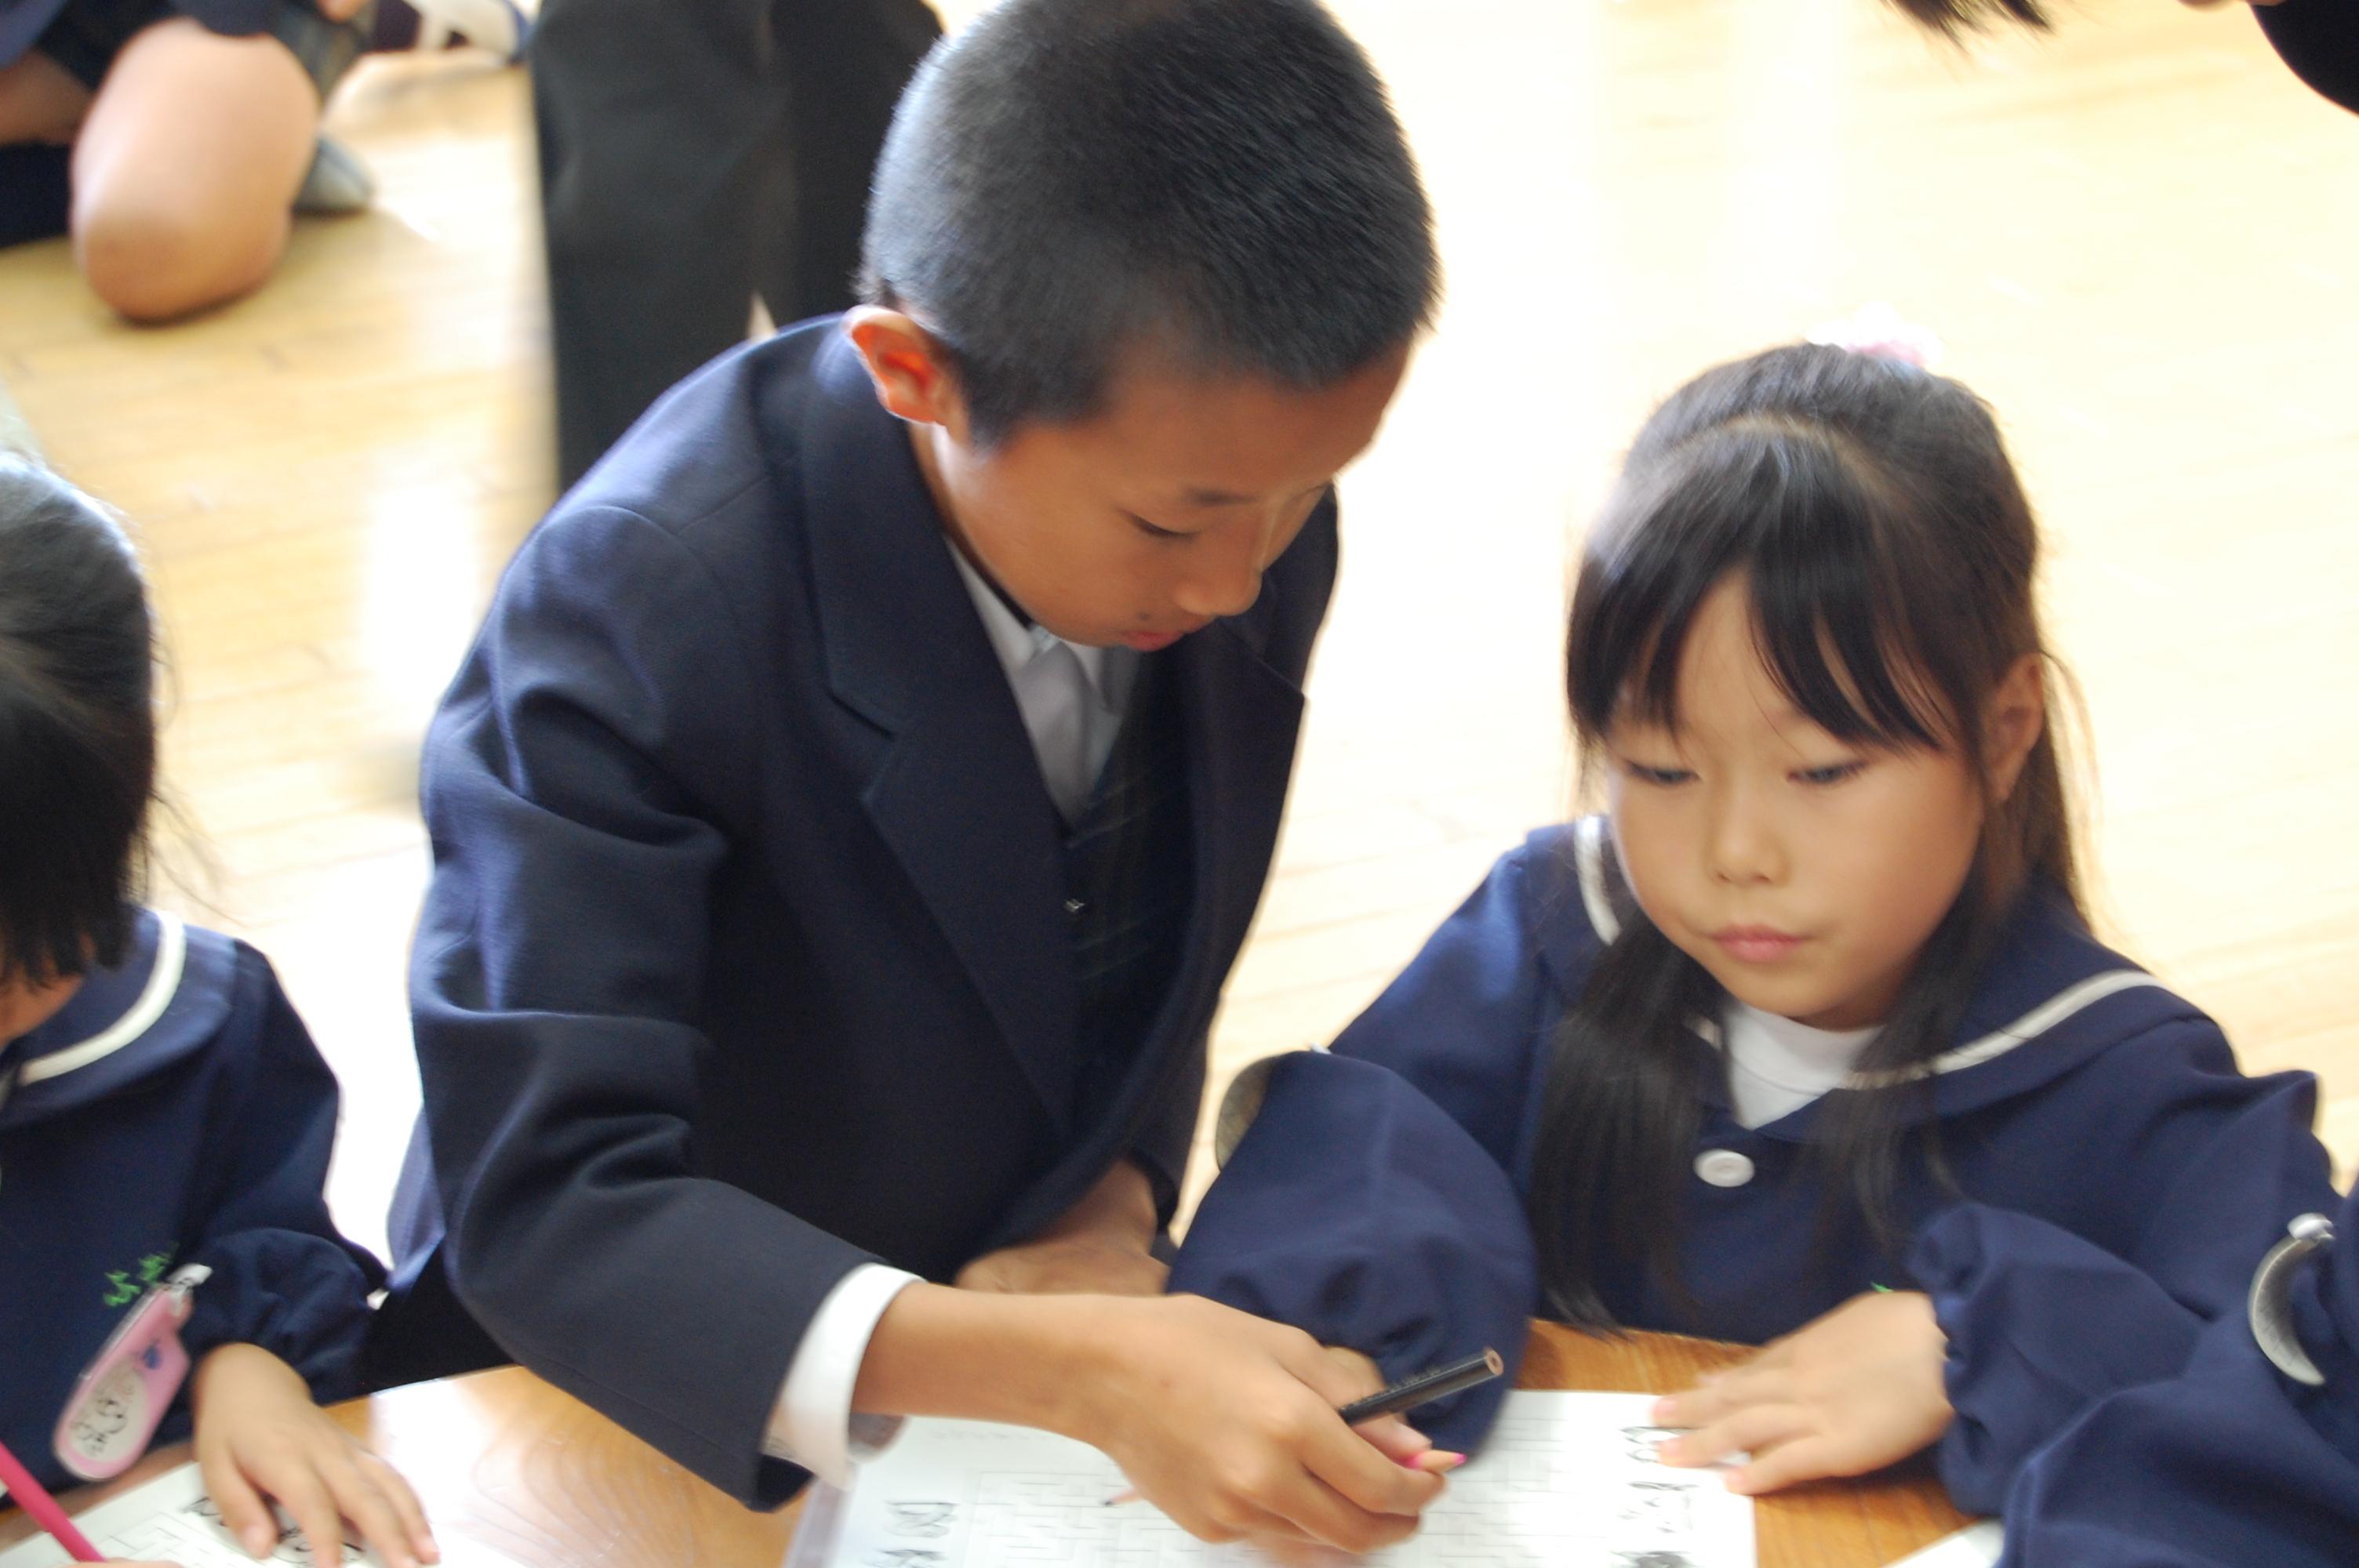 幼稚園児年長 奈良学園大学奈良文化女子短期大学部